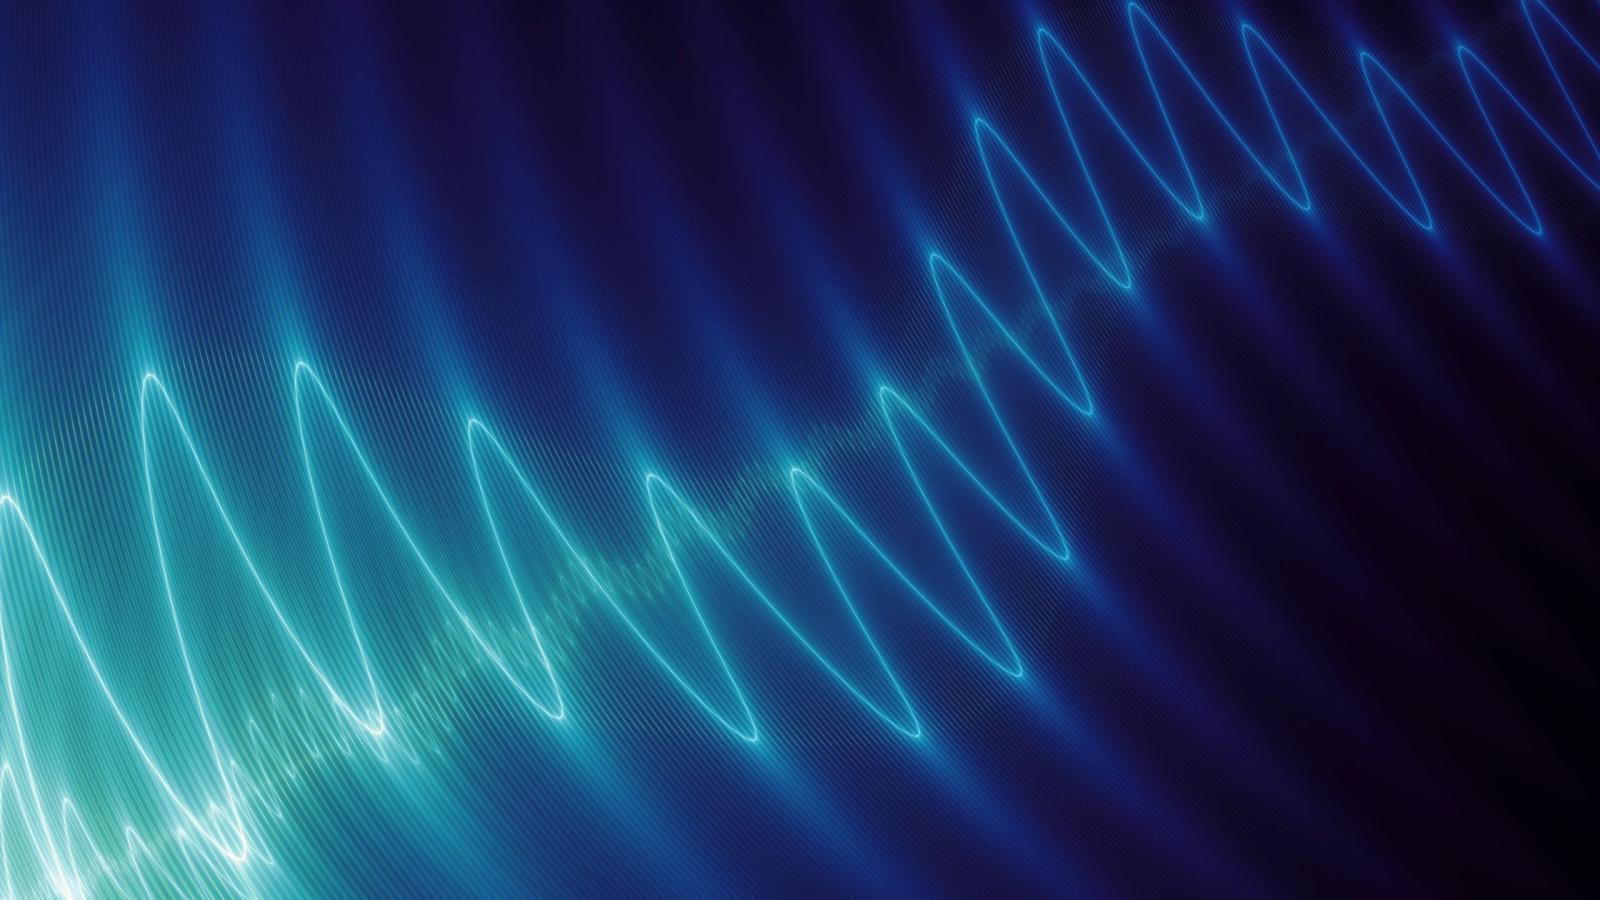 fractal-waveform-blue-bright-light-background-900x1600